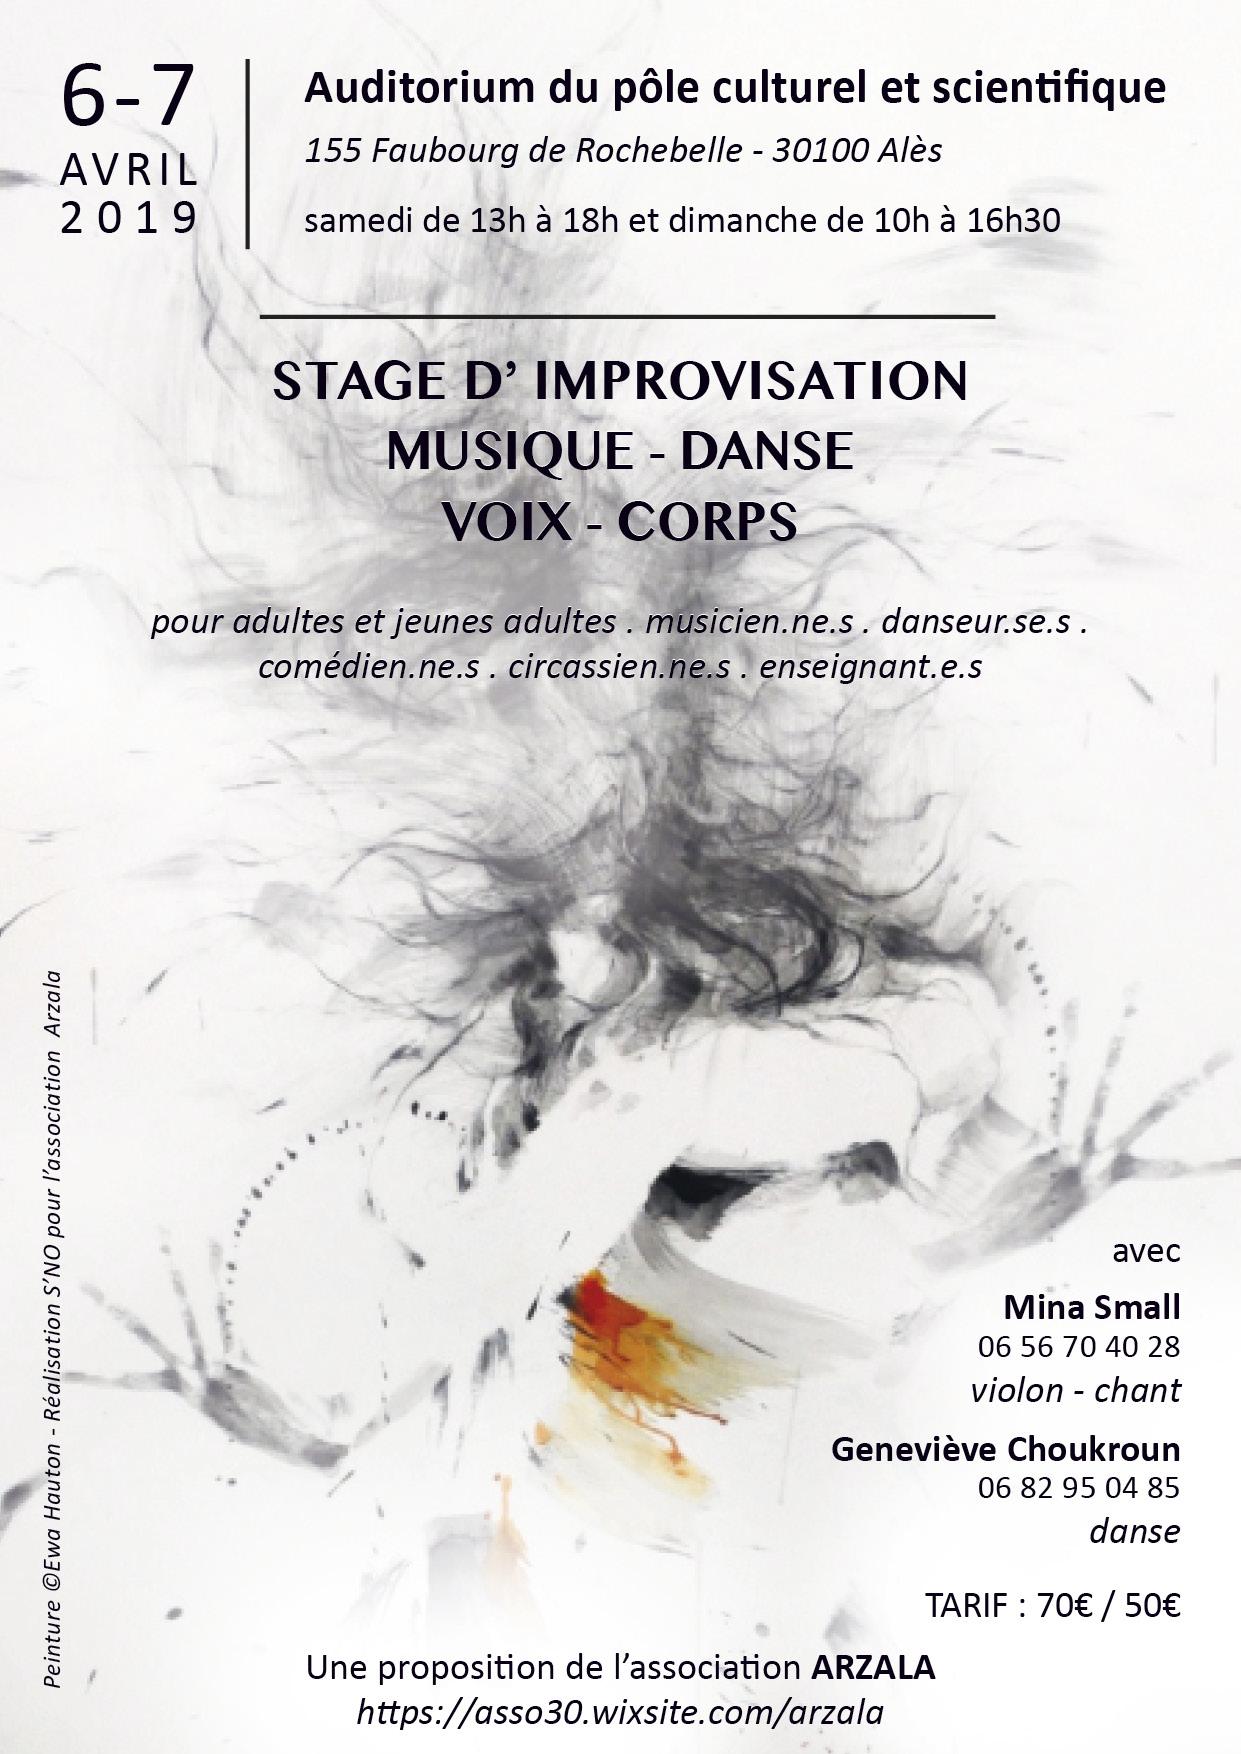 Stage d'improvisation danse musique - Asso Arzala - 6-7.04.2019